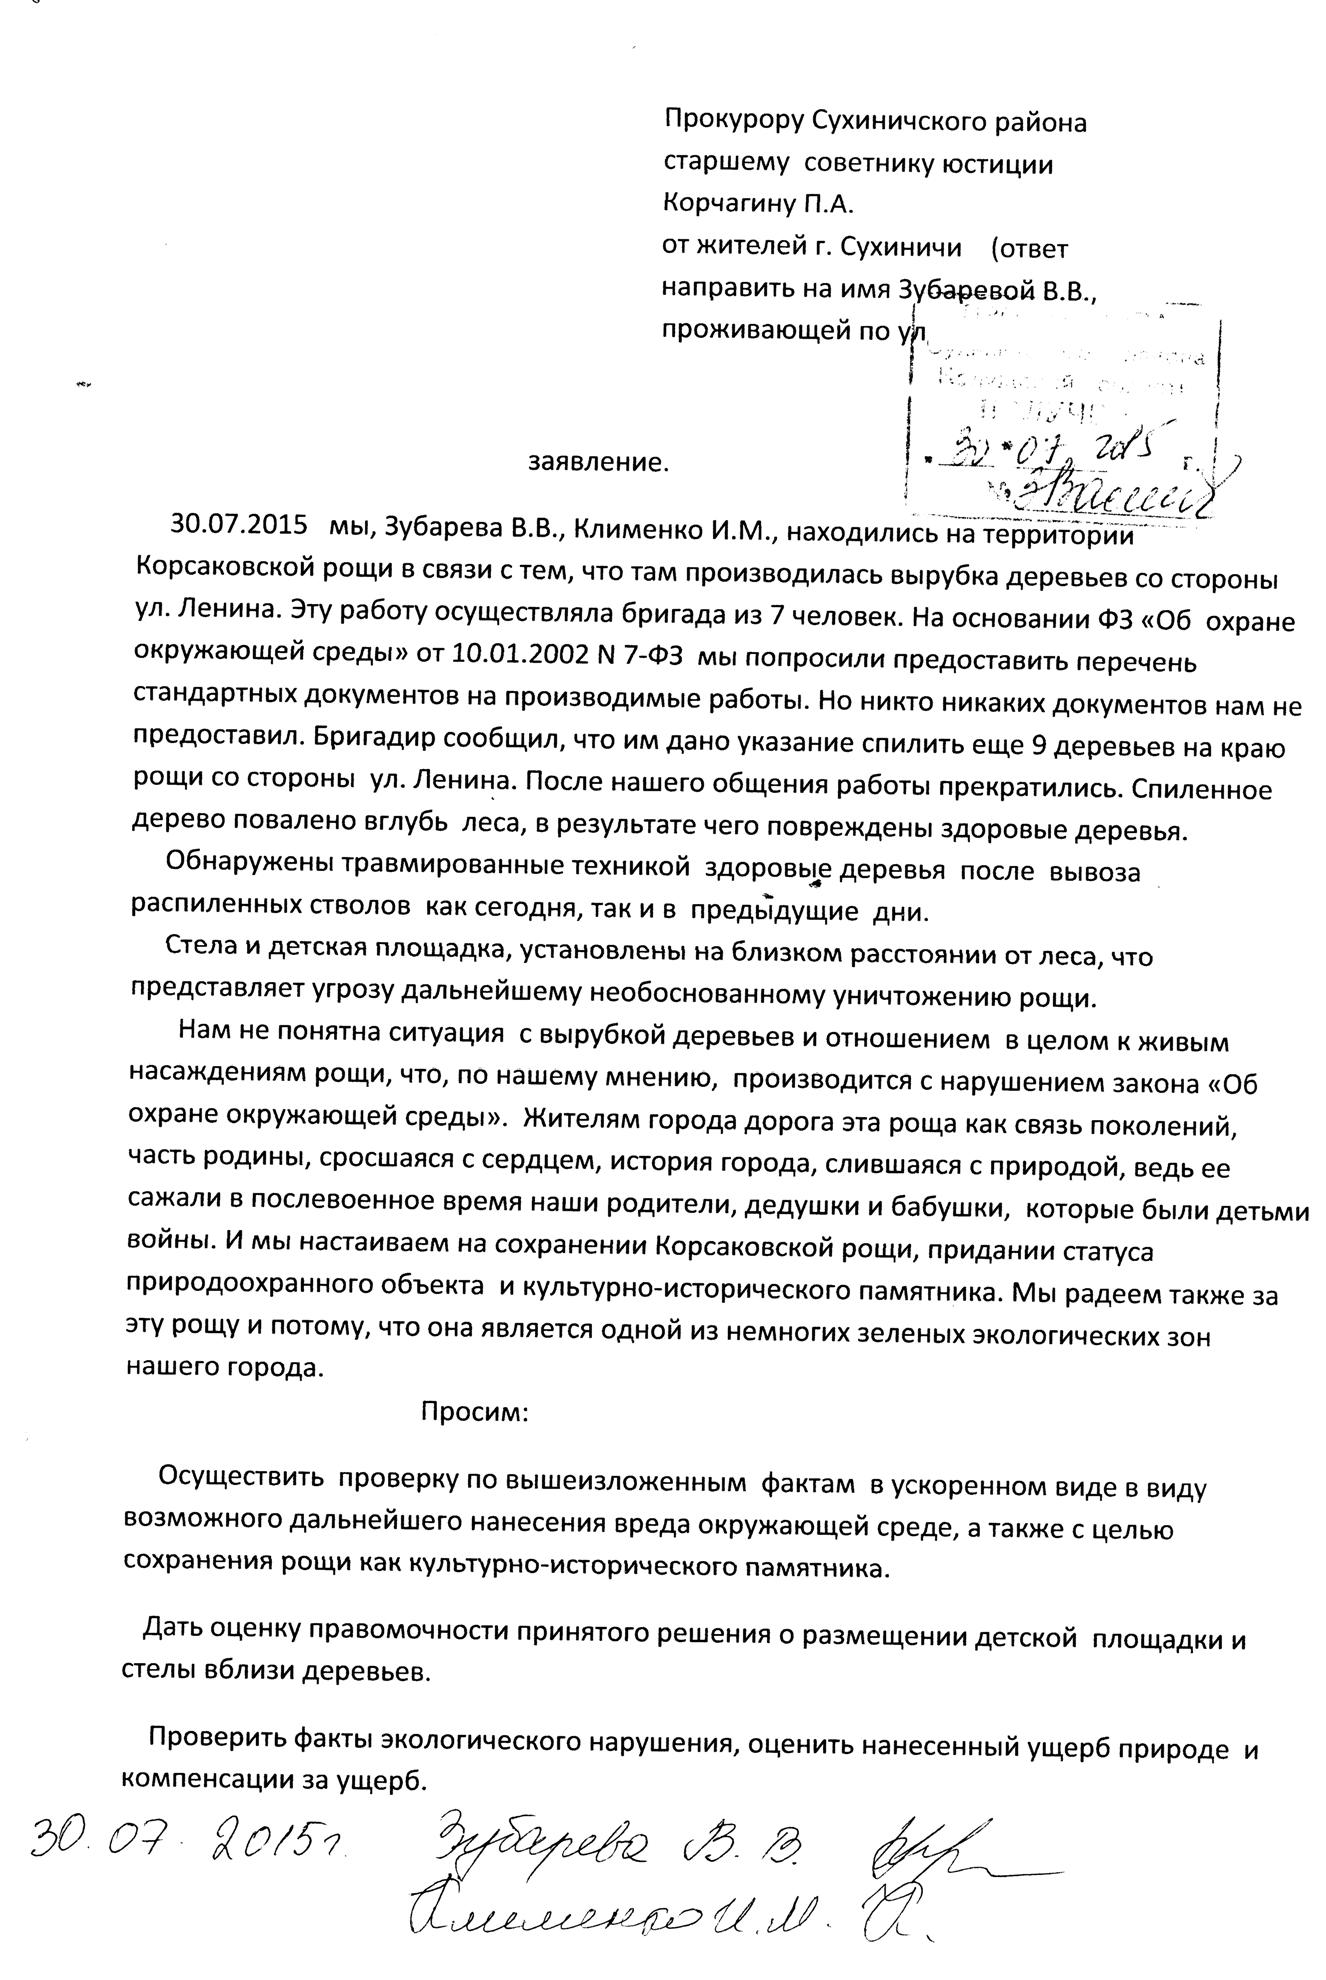 Заявление в прокуратуру 30.07.15